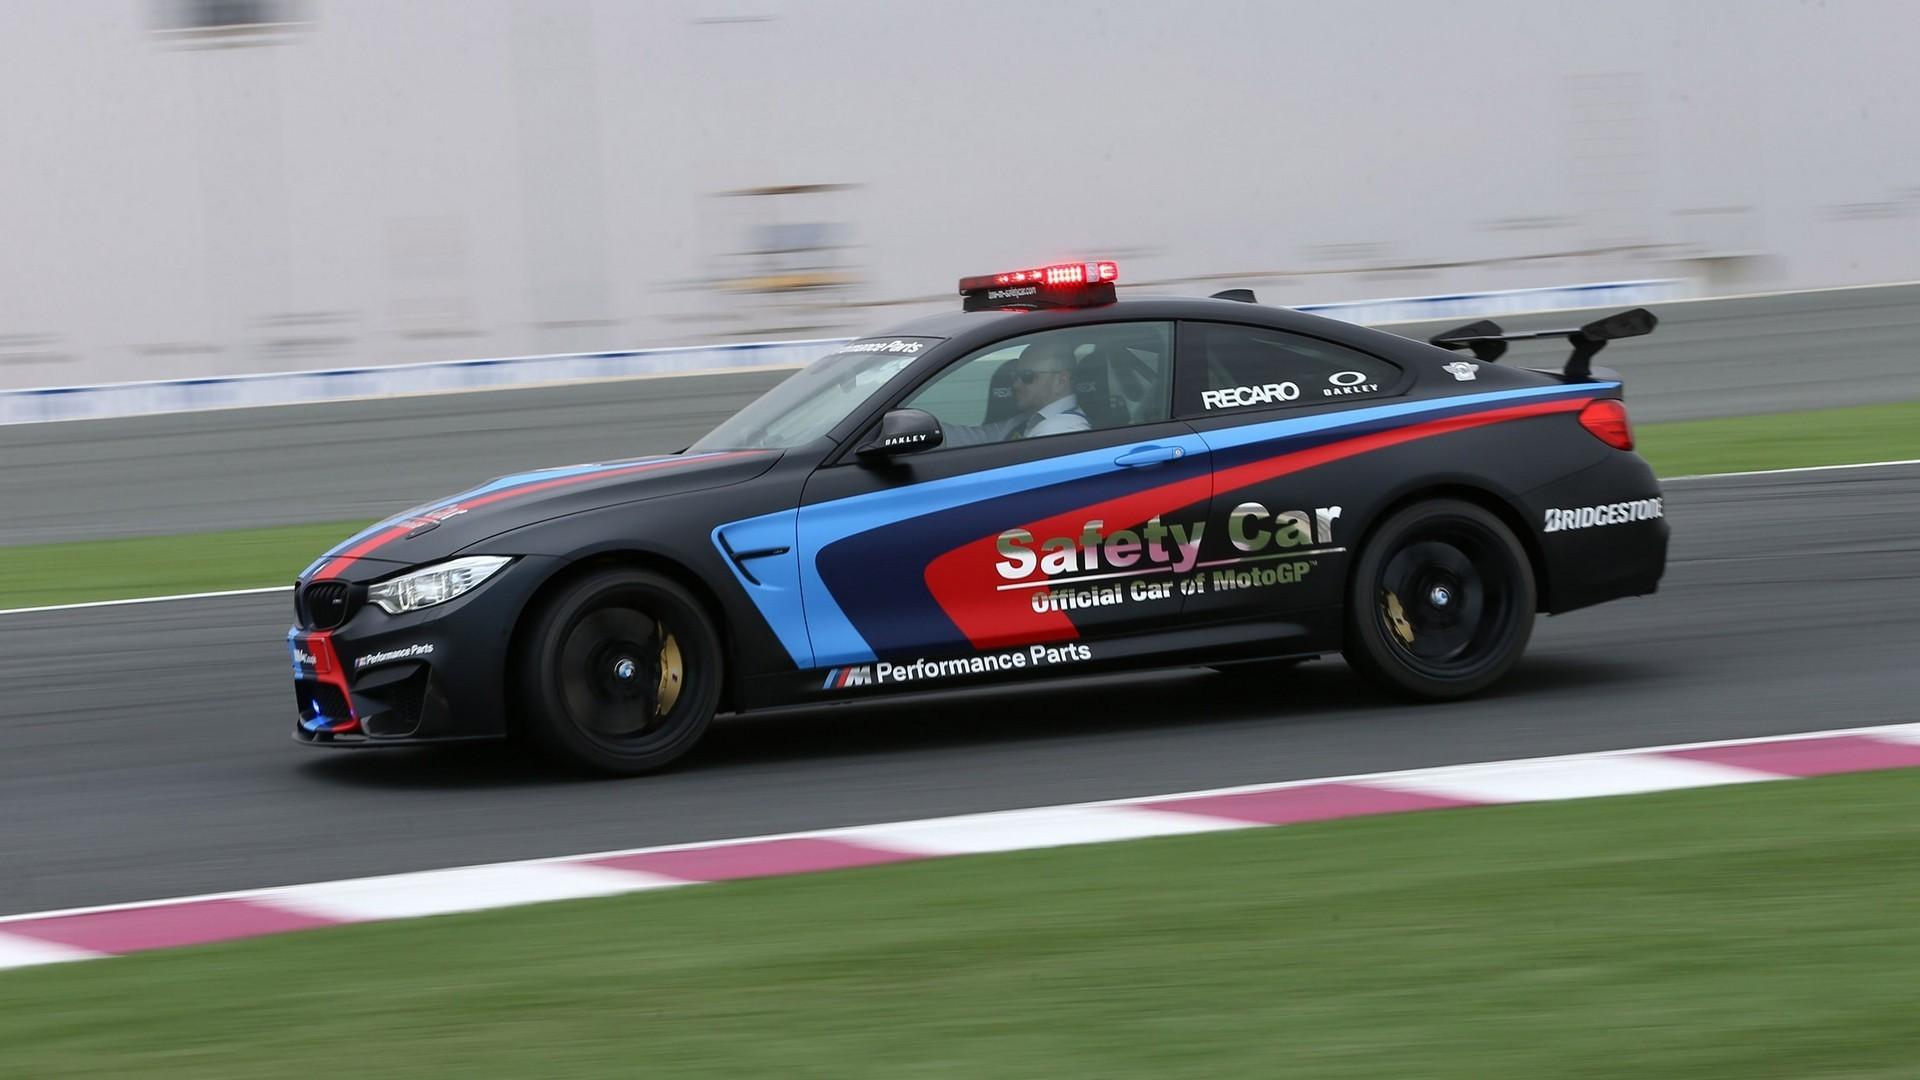 BMW M4 Coupé MotoGP Safety Car (F82) '2015